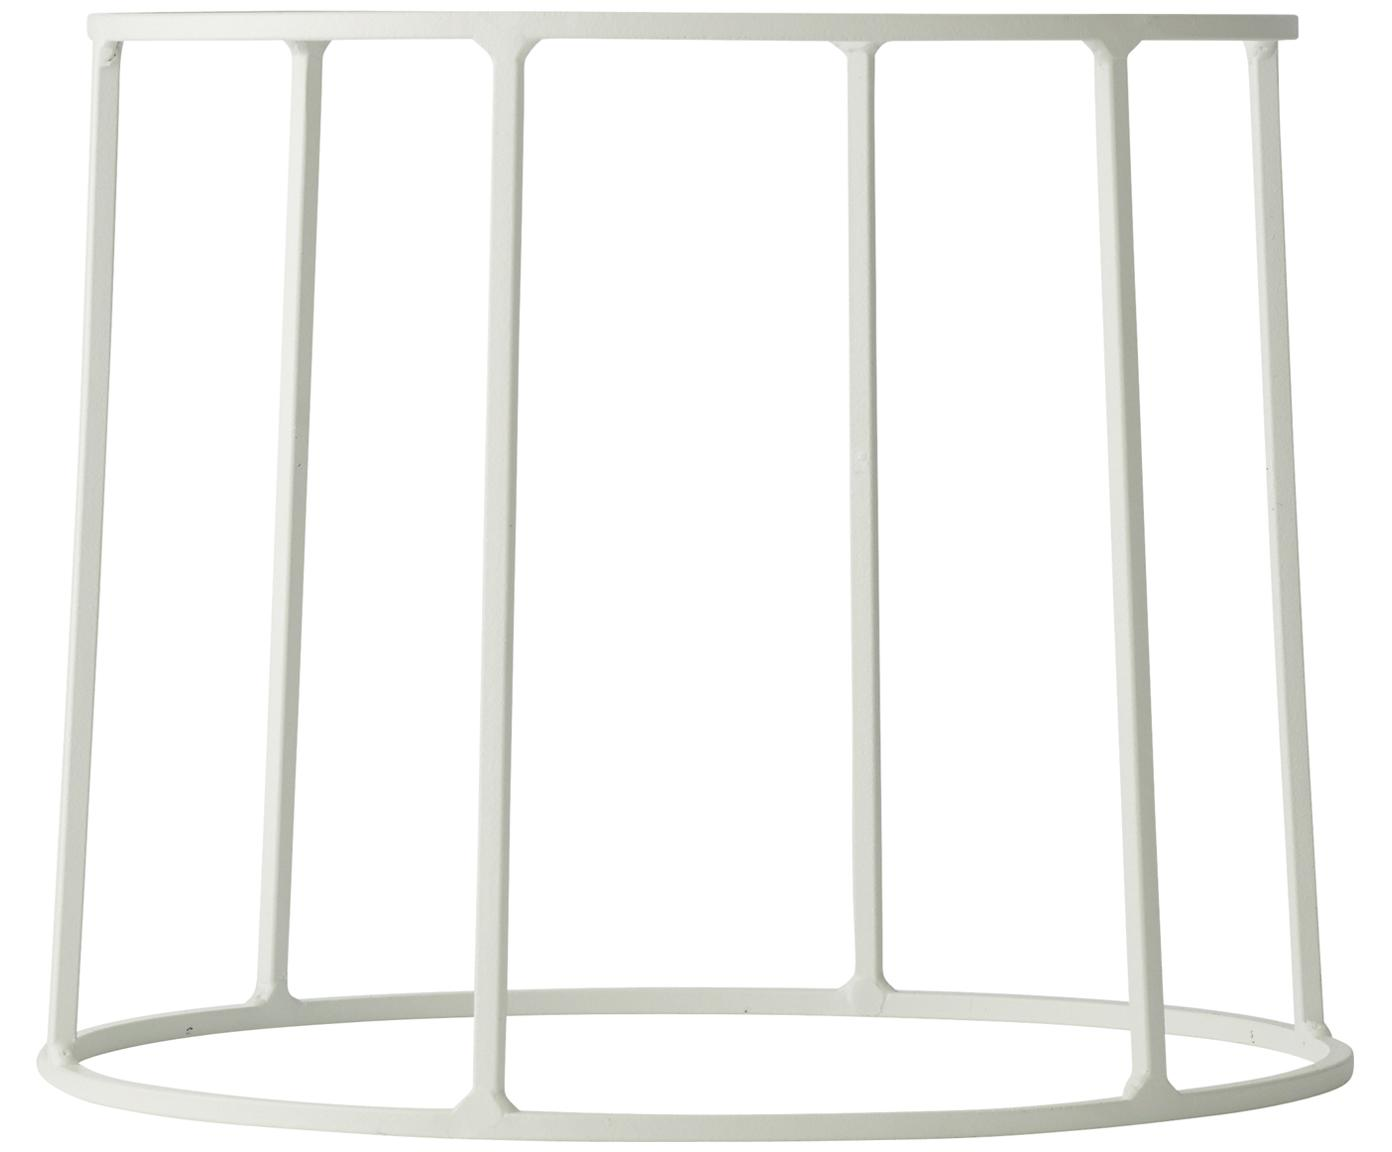 Stojak na doniczkę Wire Base, Stal malowana proszkowo, Biały, Ø 23 x W 20 cm